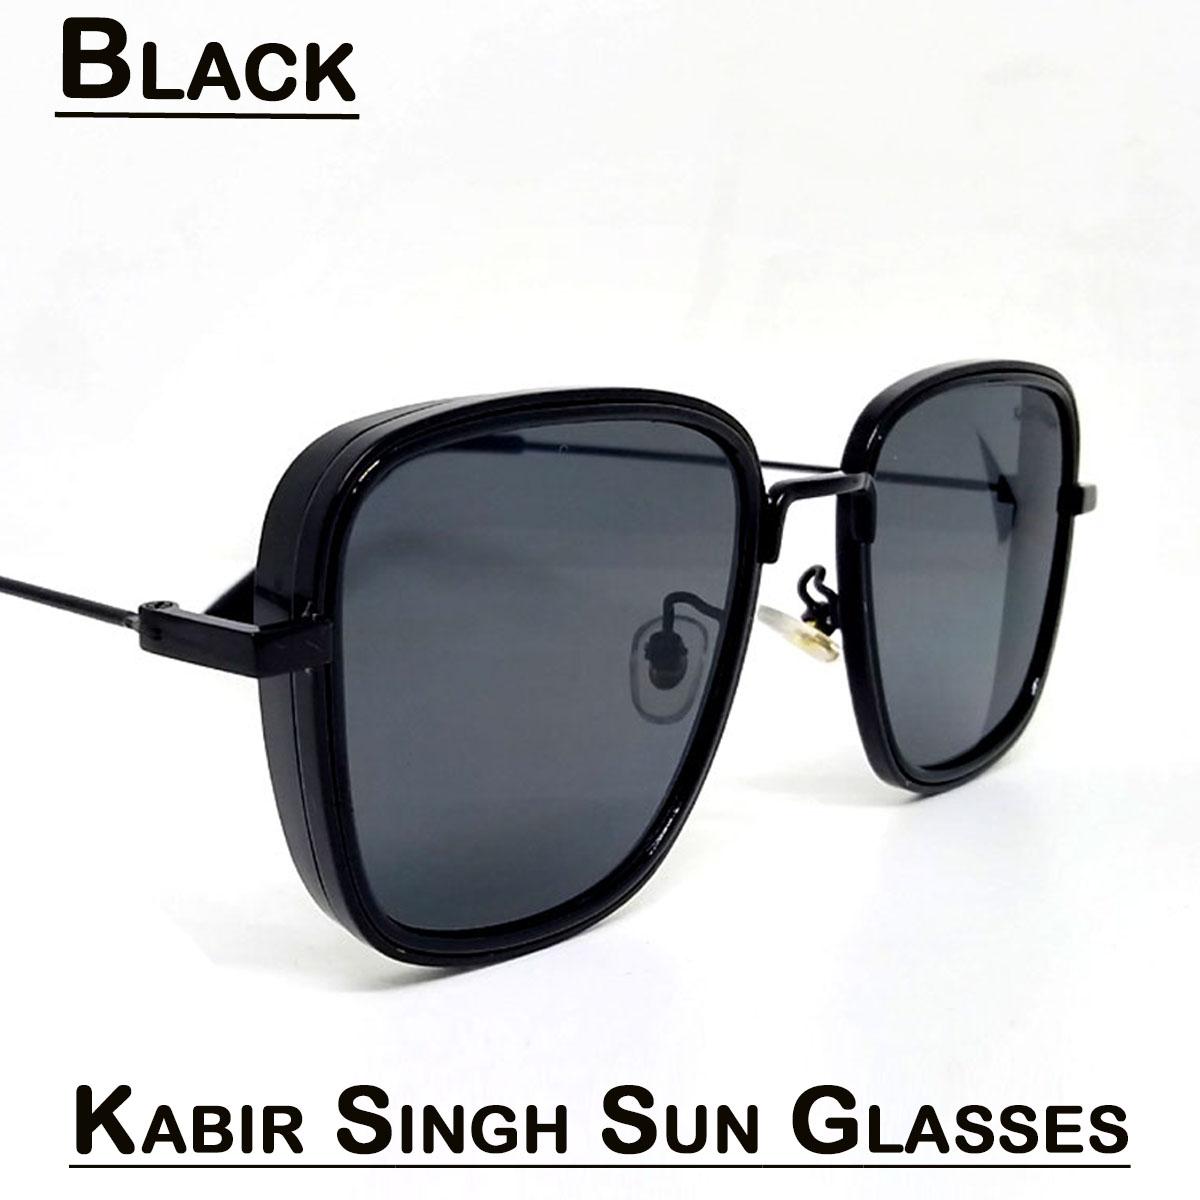 Unisex Eye Protection Sun Glasses Avengers Tony Stark Square Lens Sunglasses